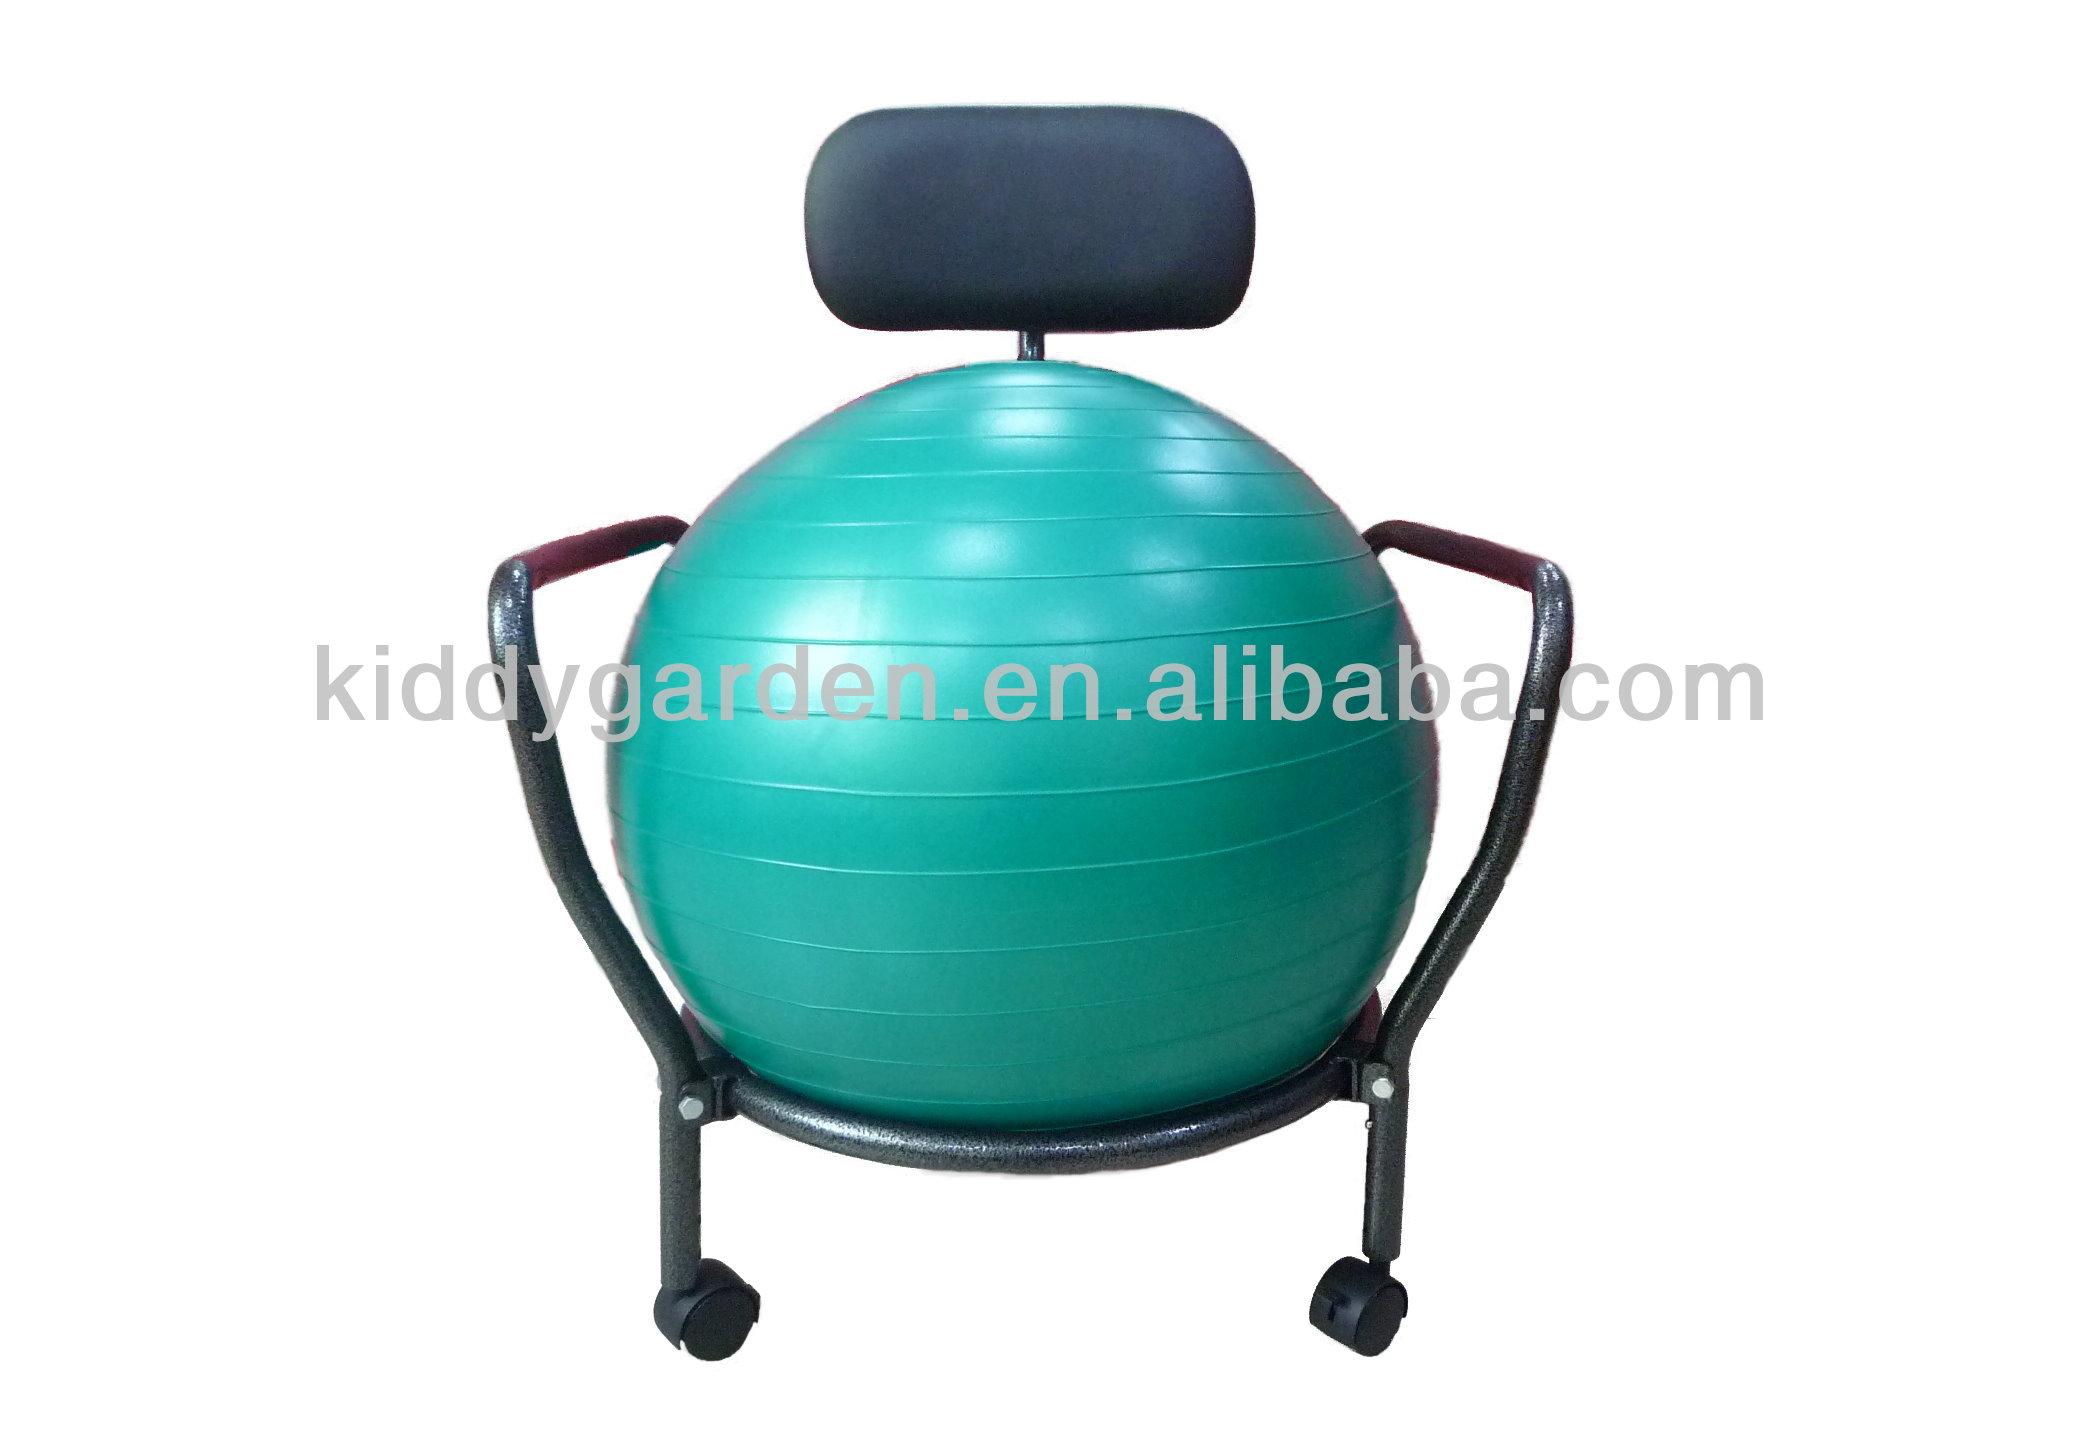 Gym Ball Chair Buy Gym Ball Chair Ball Chair Gym Ball Chair